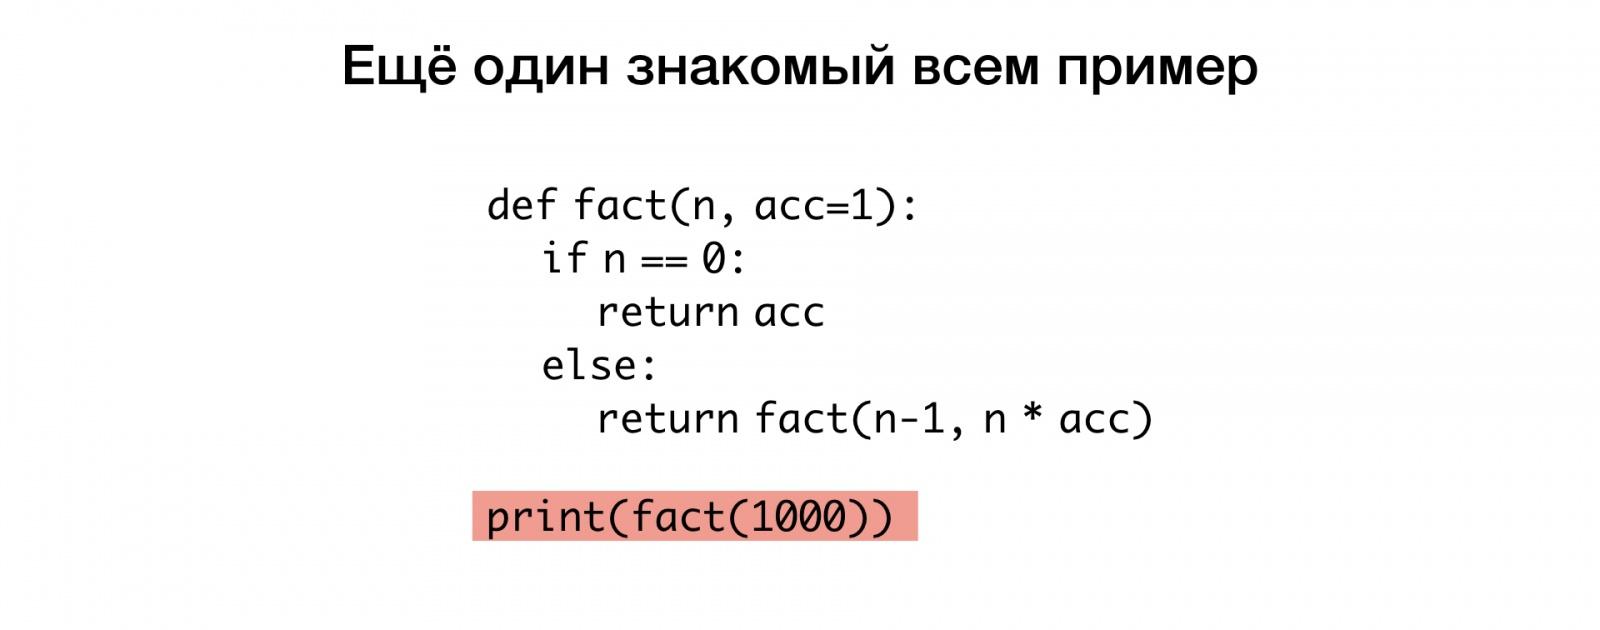 Макросы для питониста. Доклад Яндекса - 17